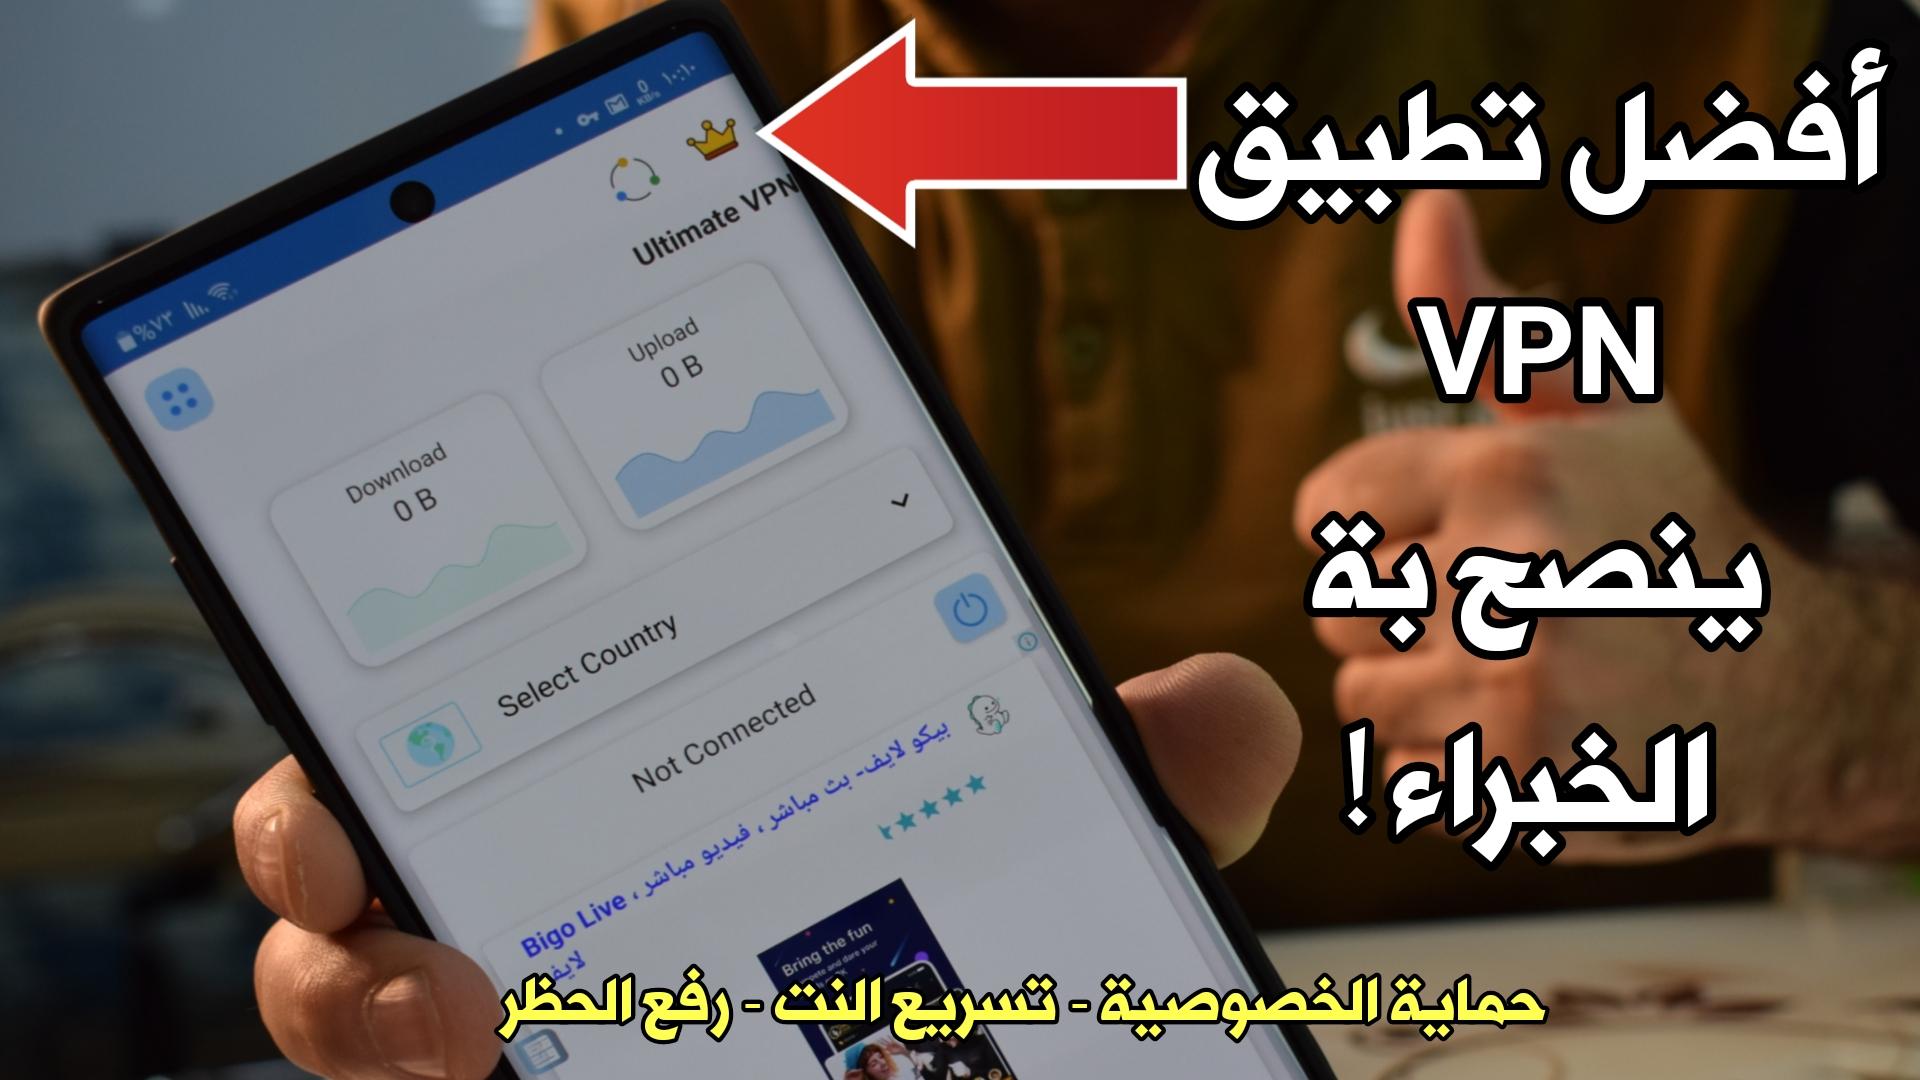 أفضل تطبيق VPN ينصحك بة الخبراء ! حماية خصوصيتك | تسريع النت | رفع الحظر !